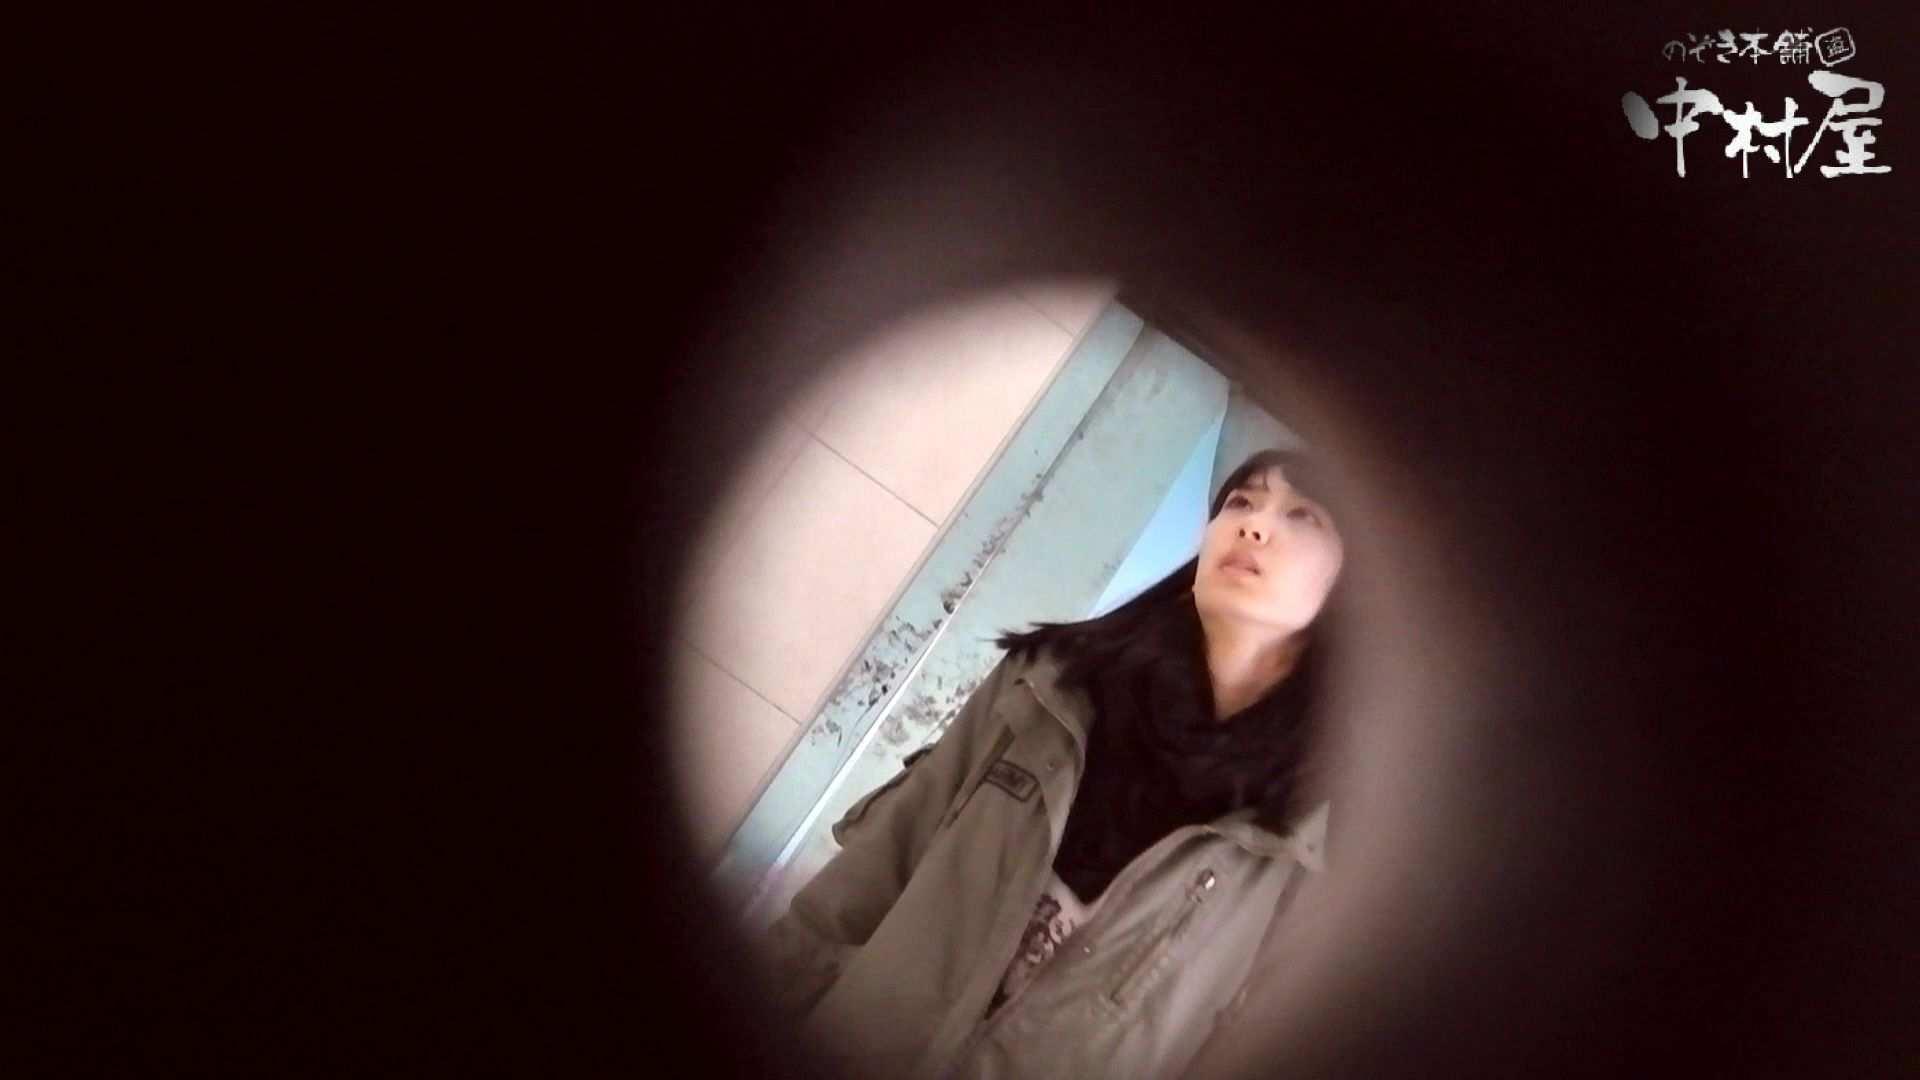 【世界の射窓から】世界の射窓から vol.4前編 洗面所  58連発 58